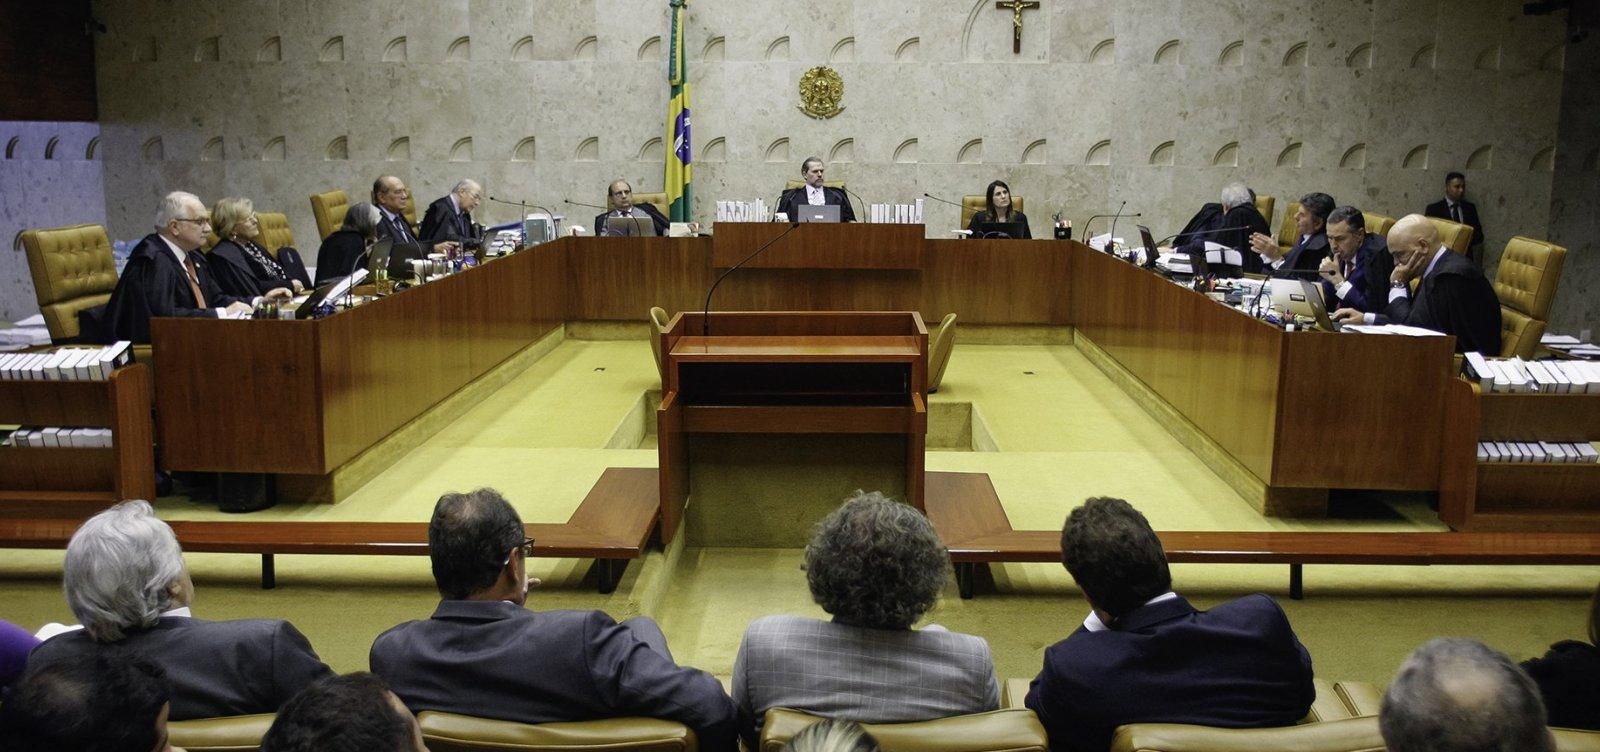 Julgamento sobre2ª instância deve ser retomado pelo STFna próxima semana